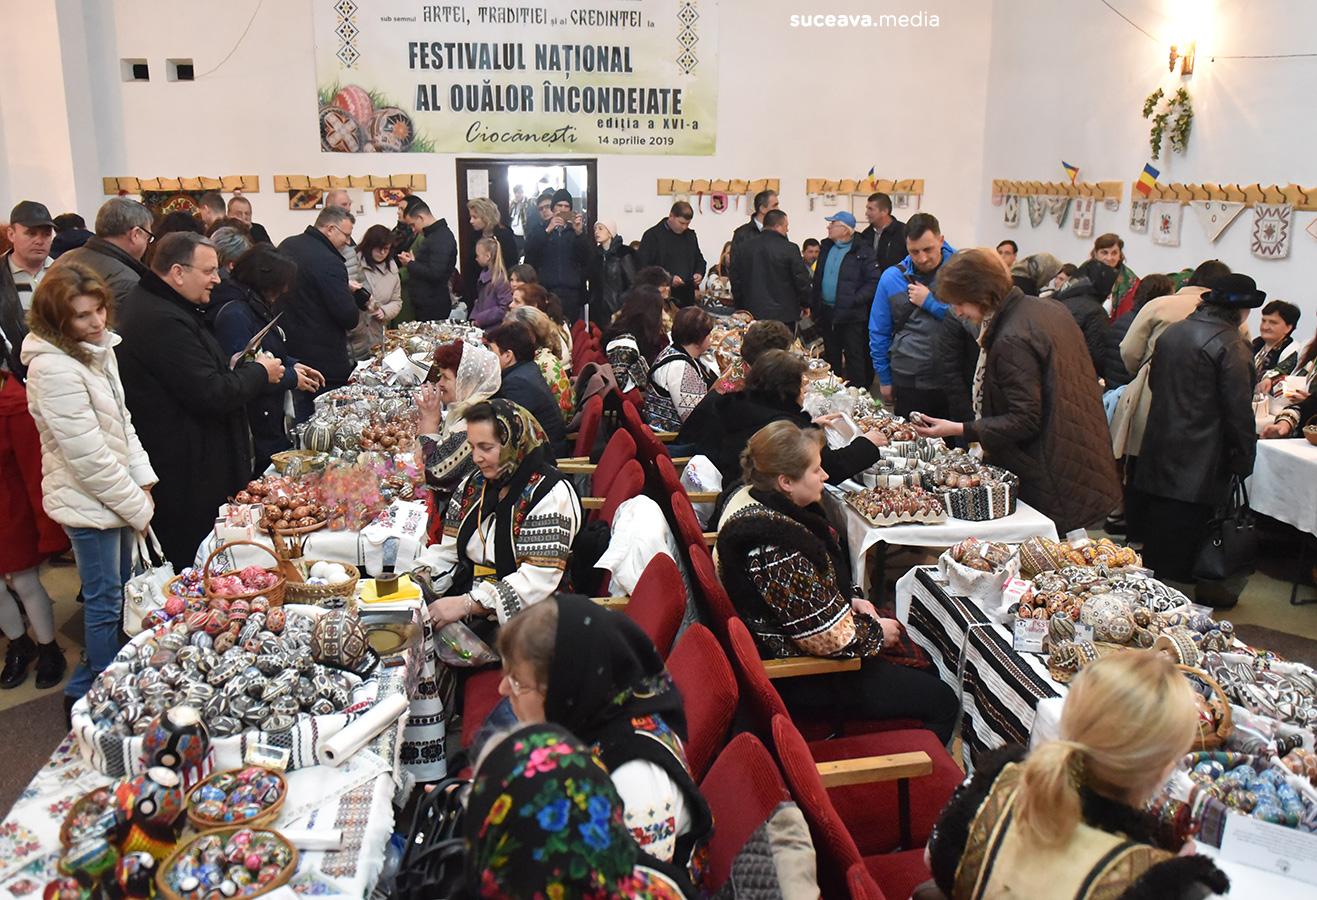 Festivalul Național al Ouălor Încondeiate (2019) (fotoreportaj)